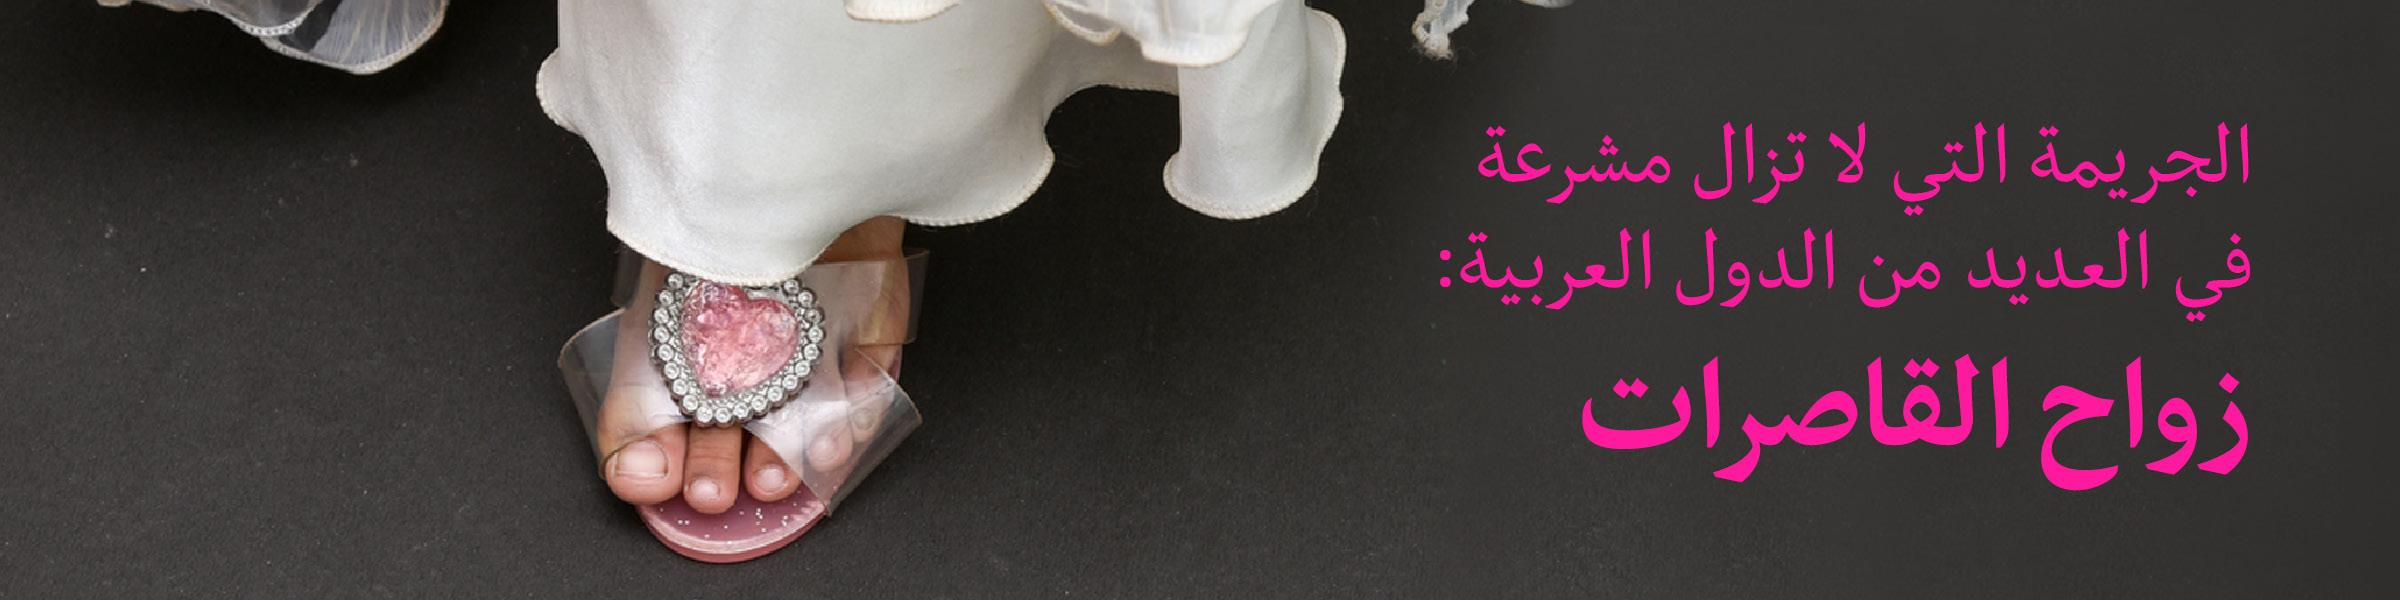 زواج القاصرات في المغرب - القضاة المغاربة يتساهلون مع الزواج المبكر - بانر زواج القاصرات في العالم العربي